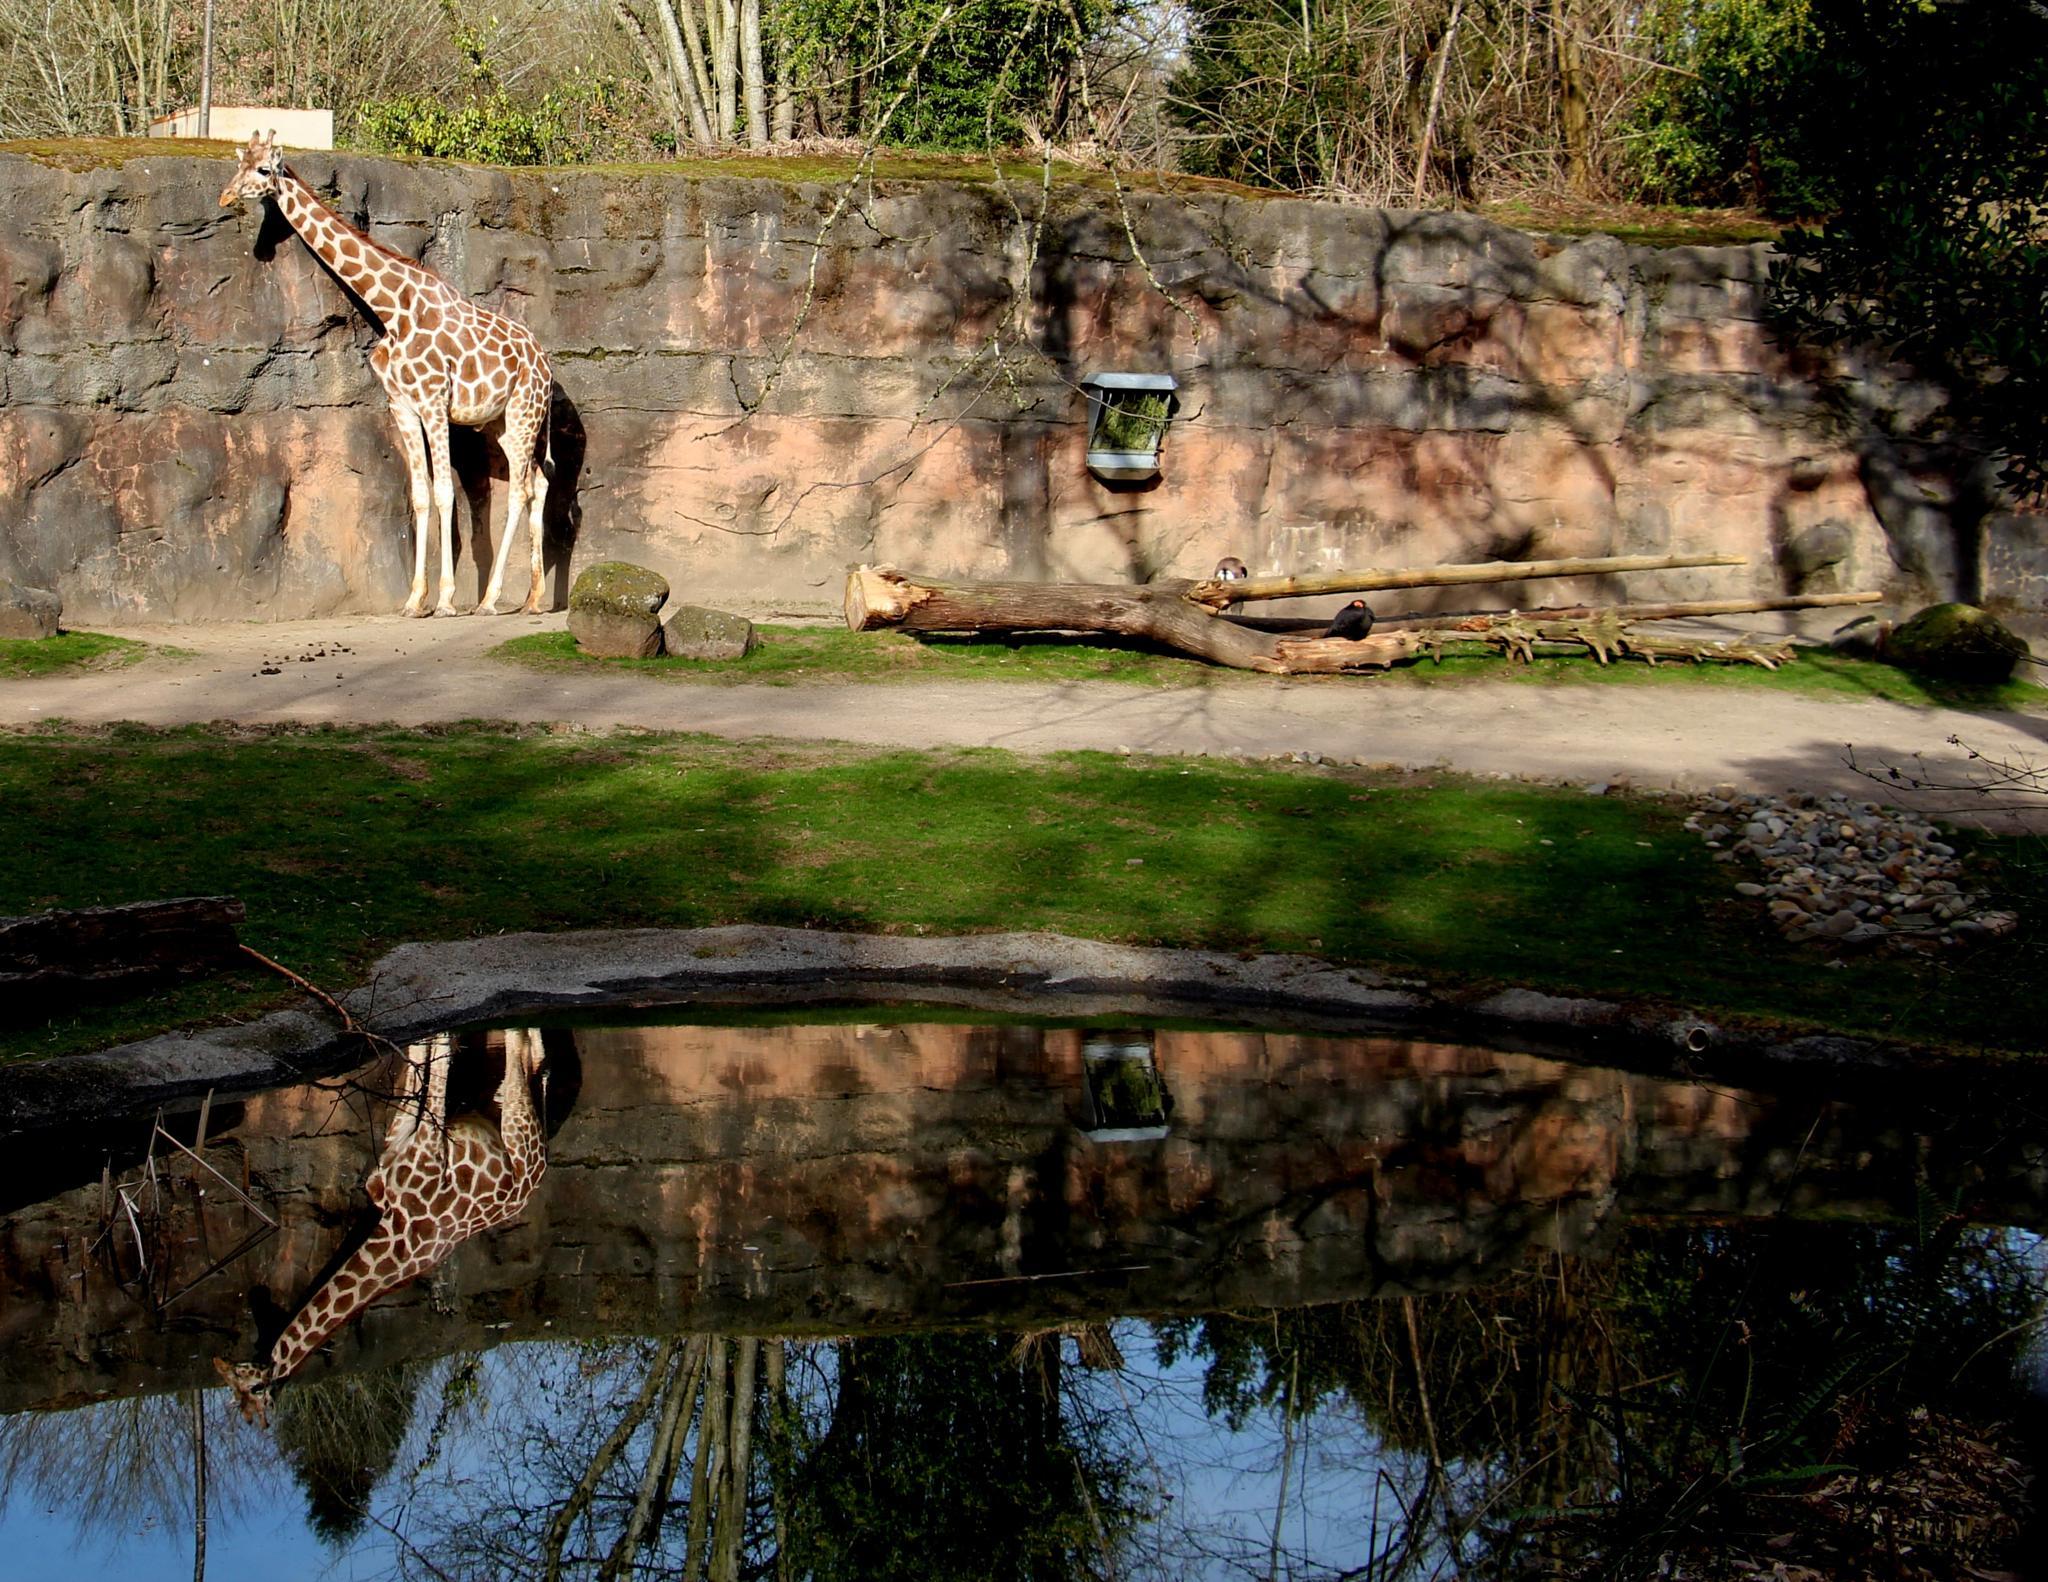 Giraffe Reflection by Mimipics